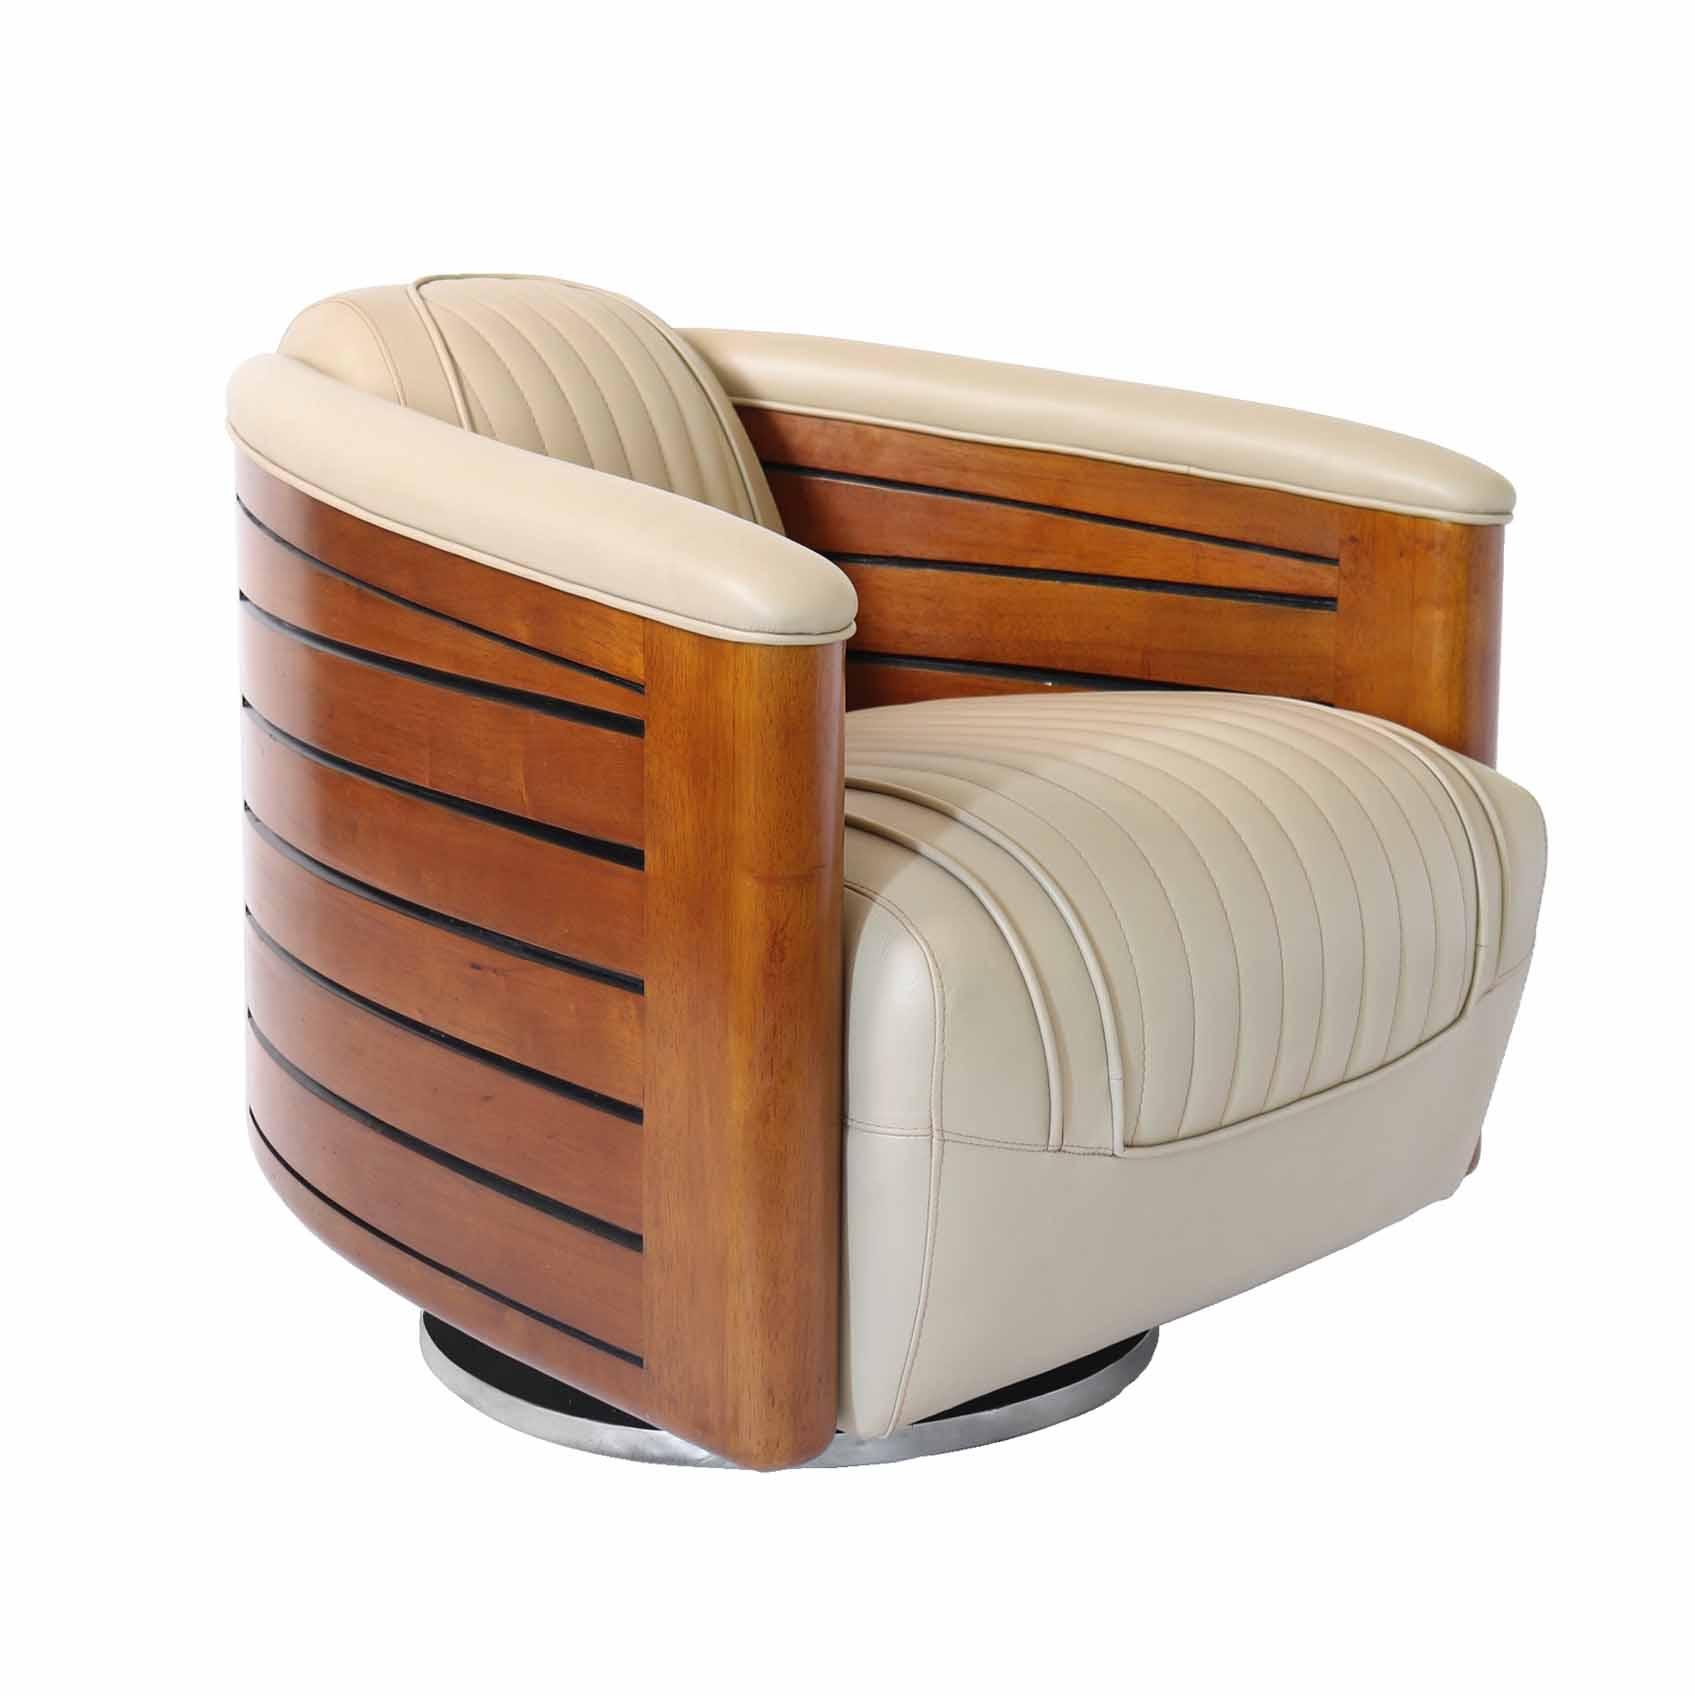 fauteuil pivotant bois et cuir